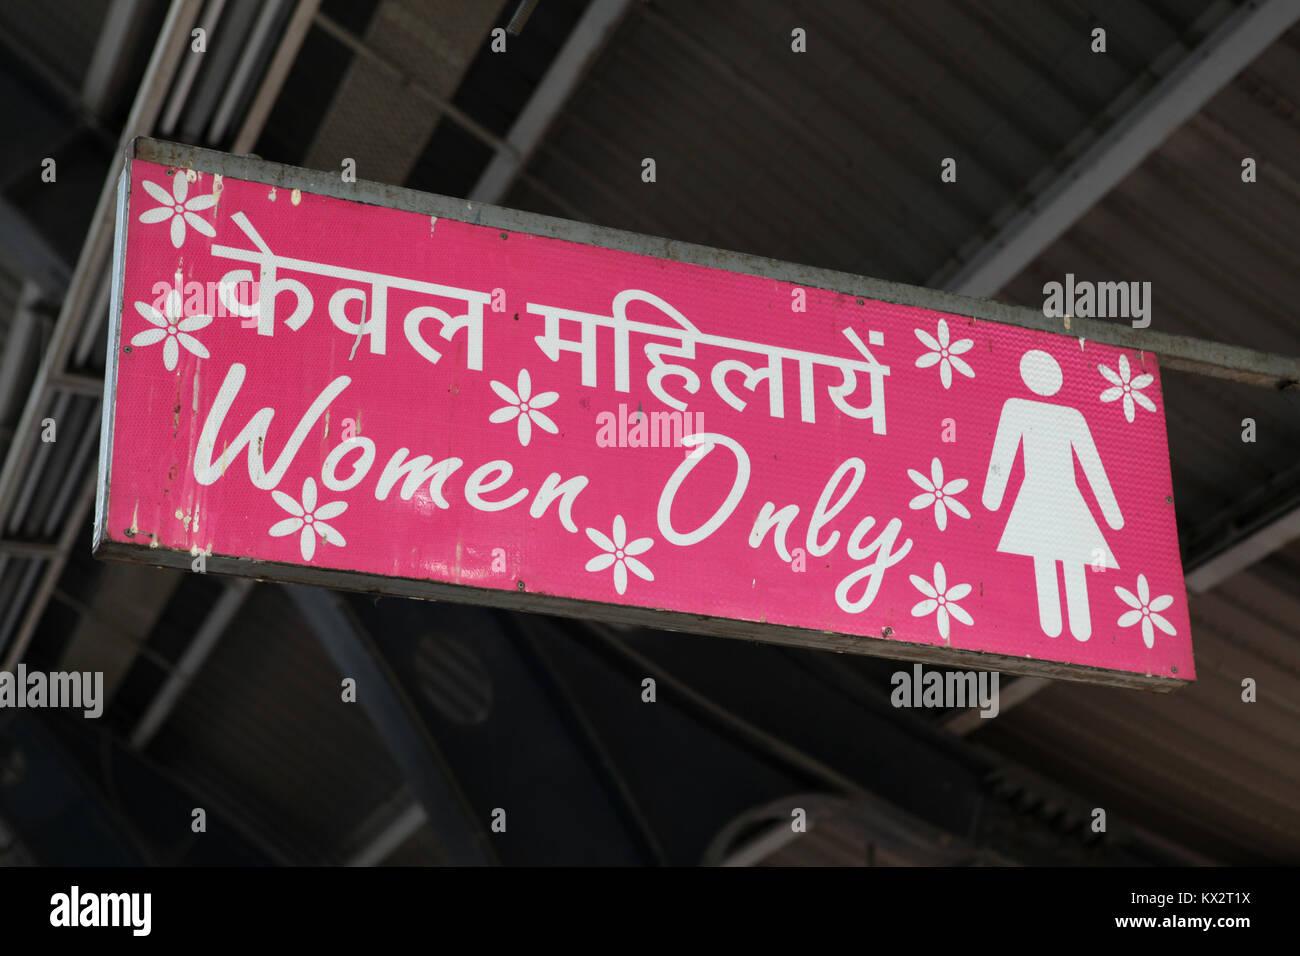 Sólo una mujer (signo de carros que son para las mujeres) en una estación de metro en Nueva Delhi, India Imagen De Stock